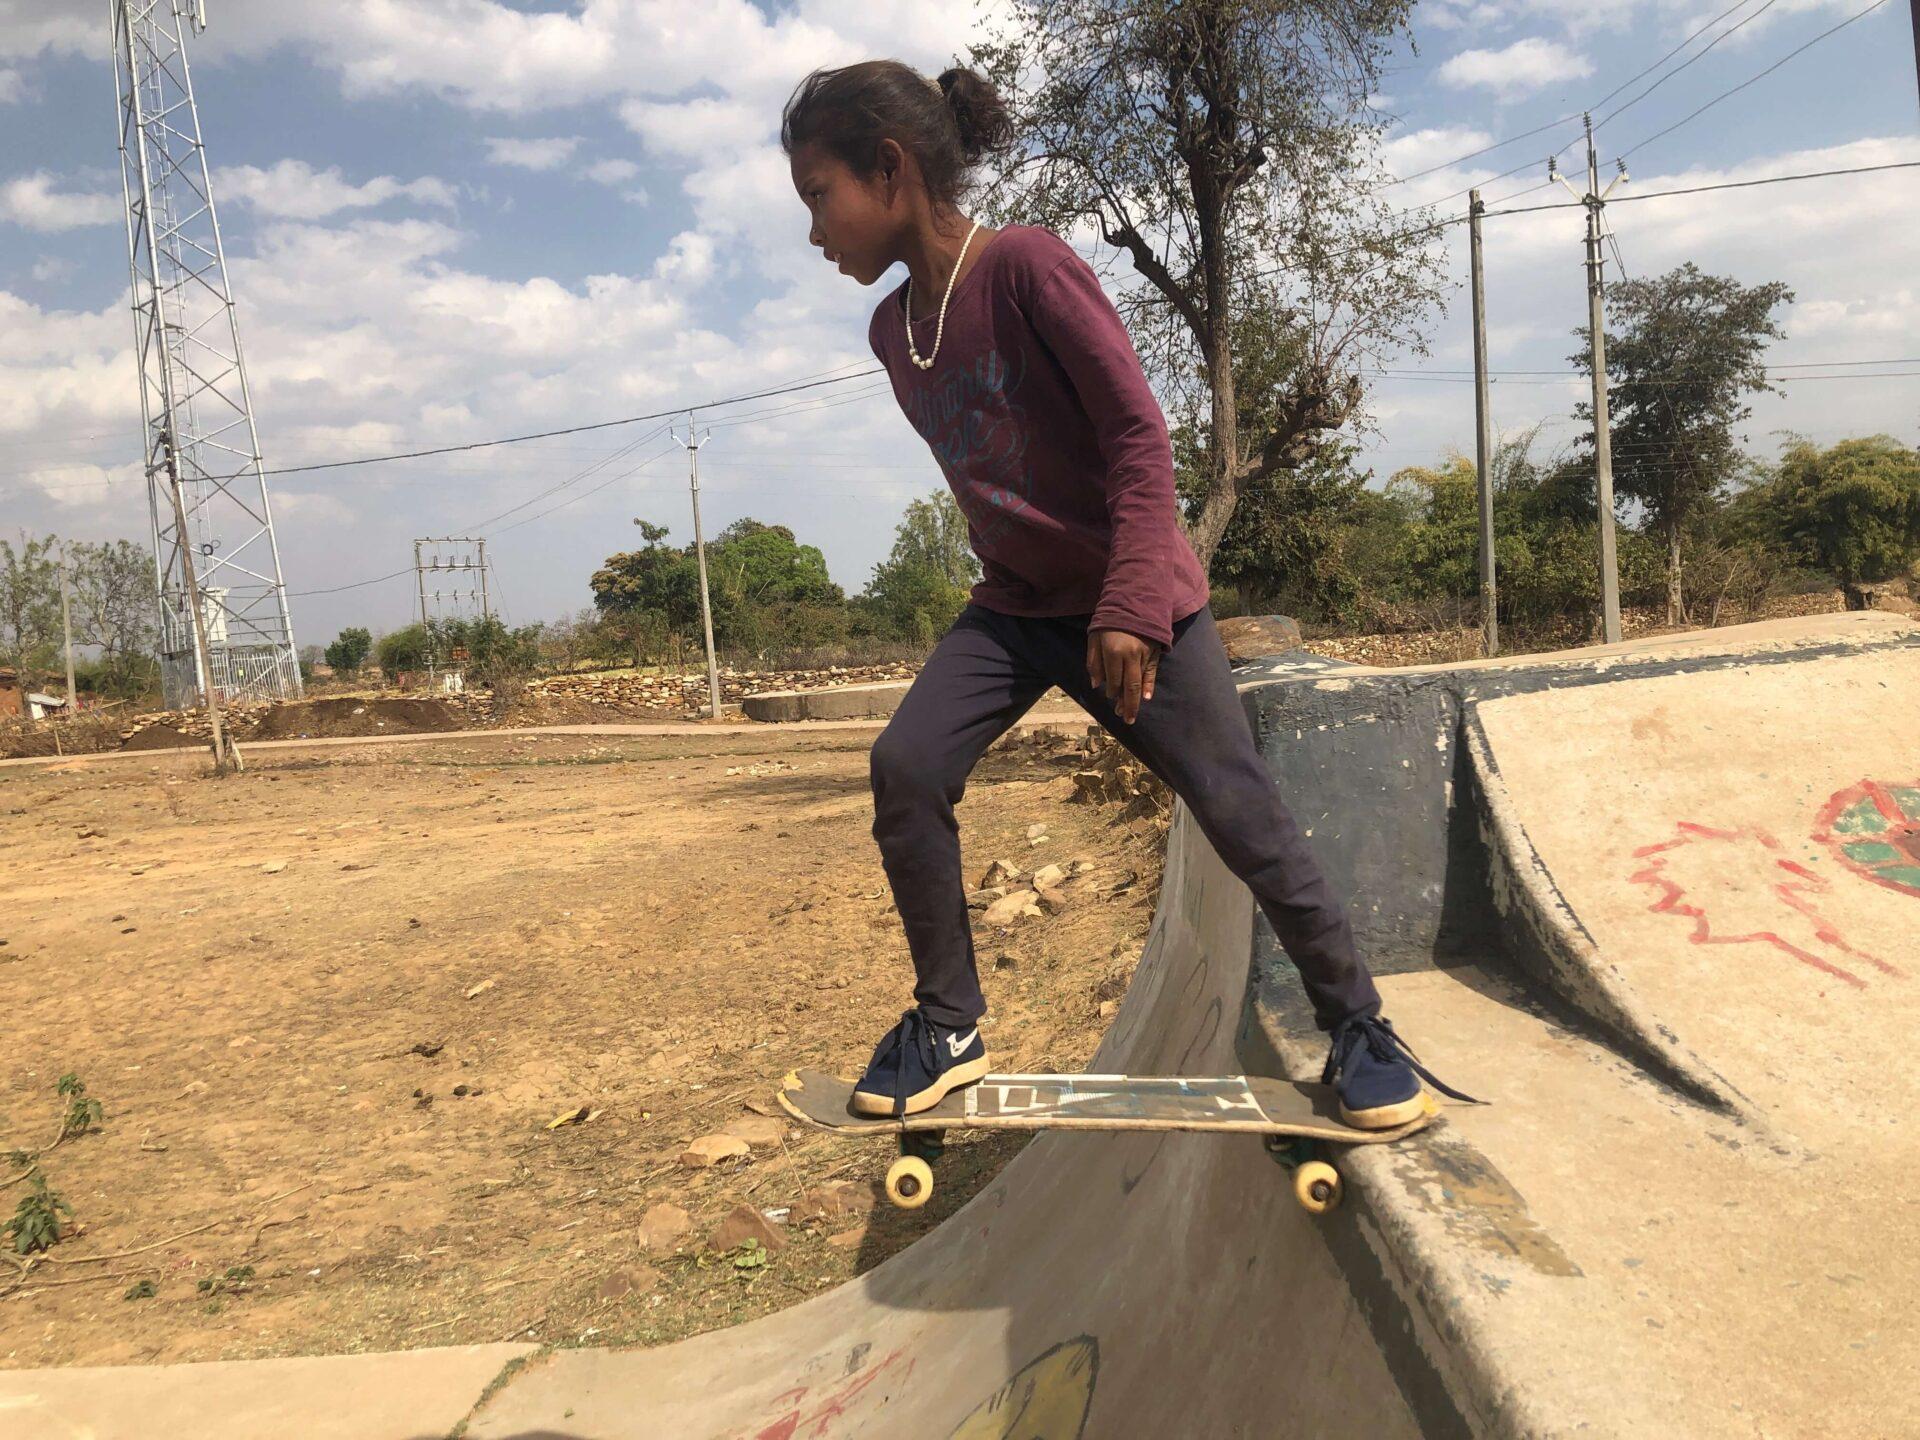 印度色彩節,我與Netflix電影《滑板女孩》的人物原型們